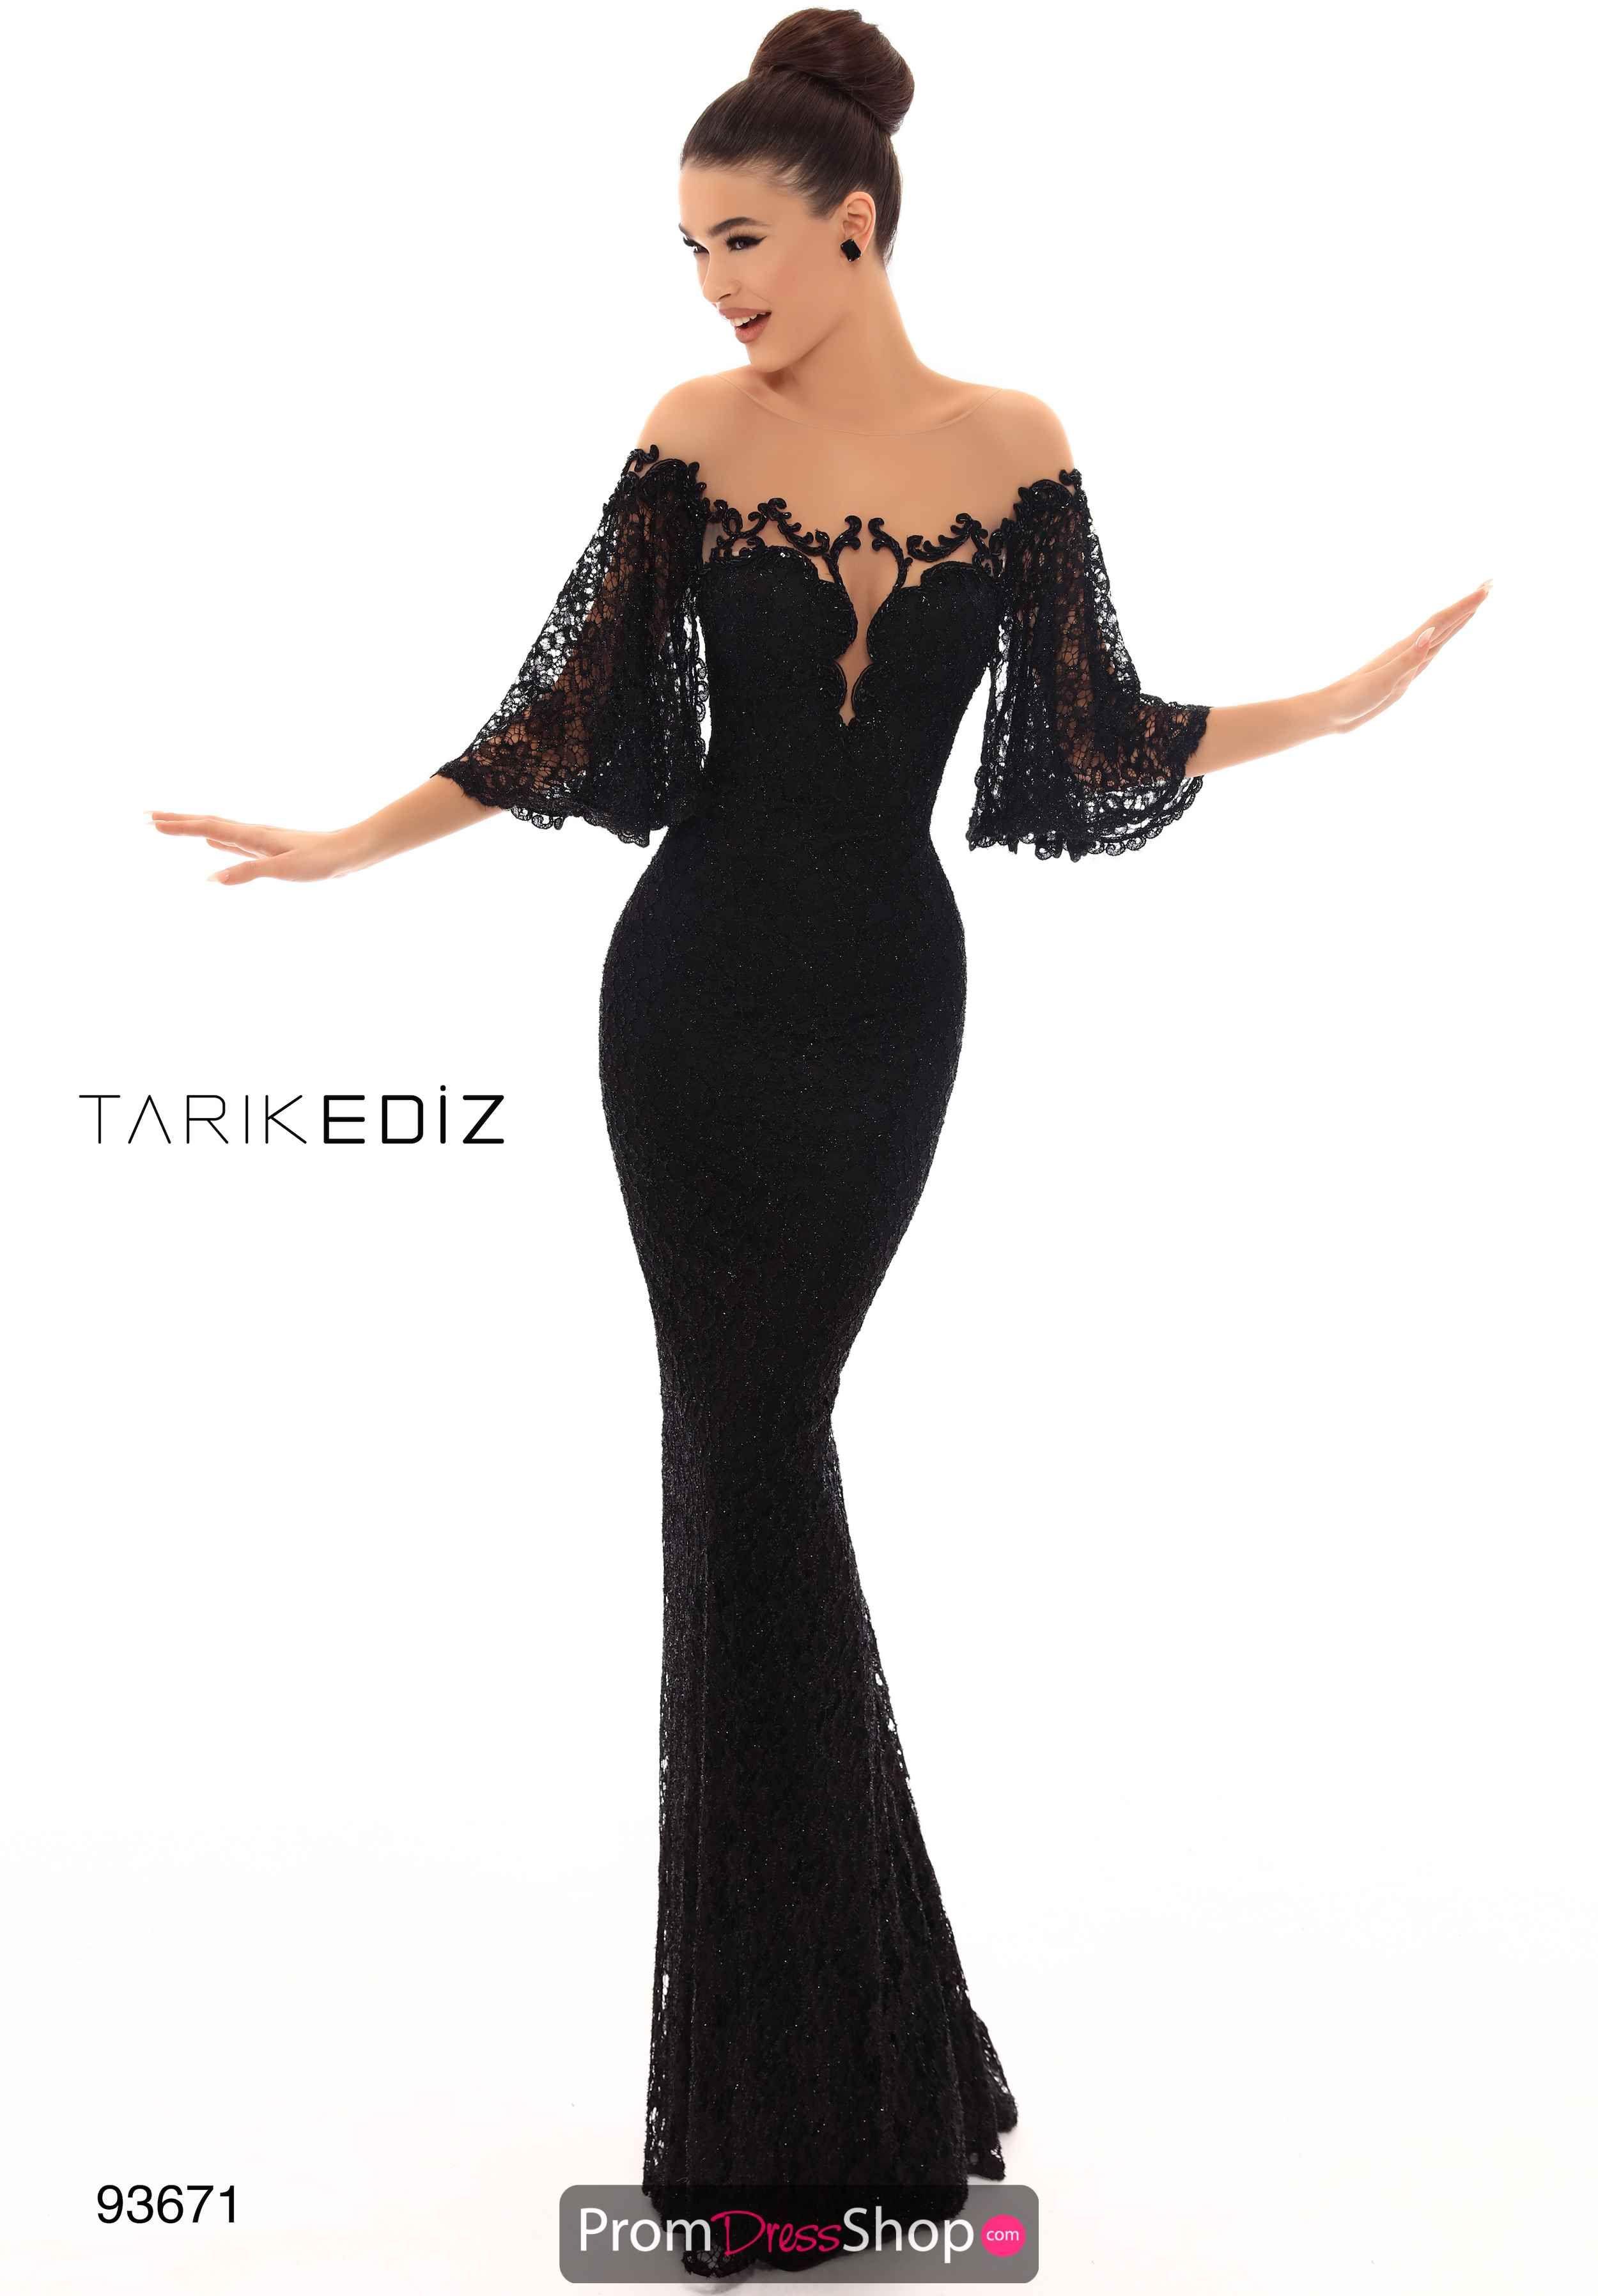 Tarik Ediz Fitted Beaded Dress 93671